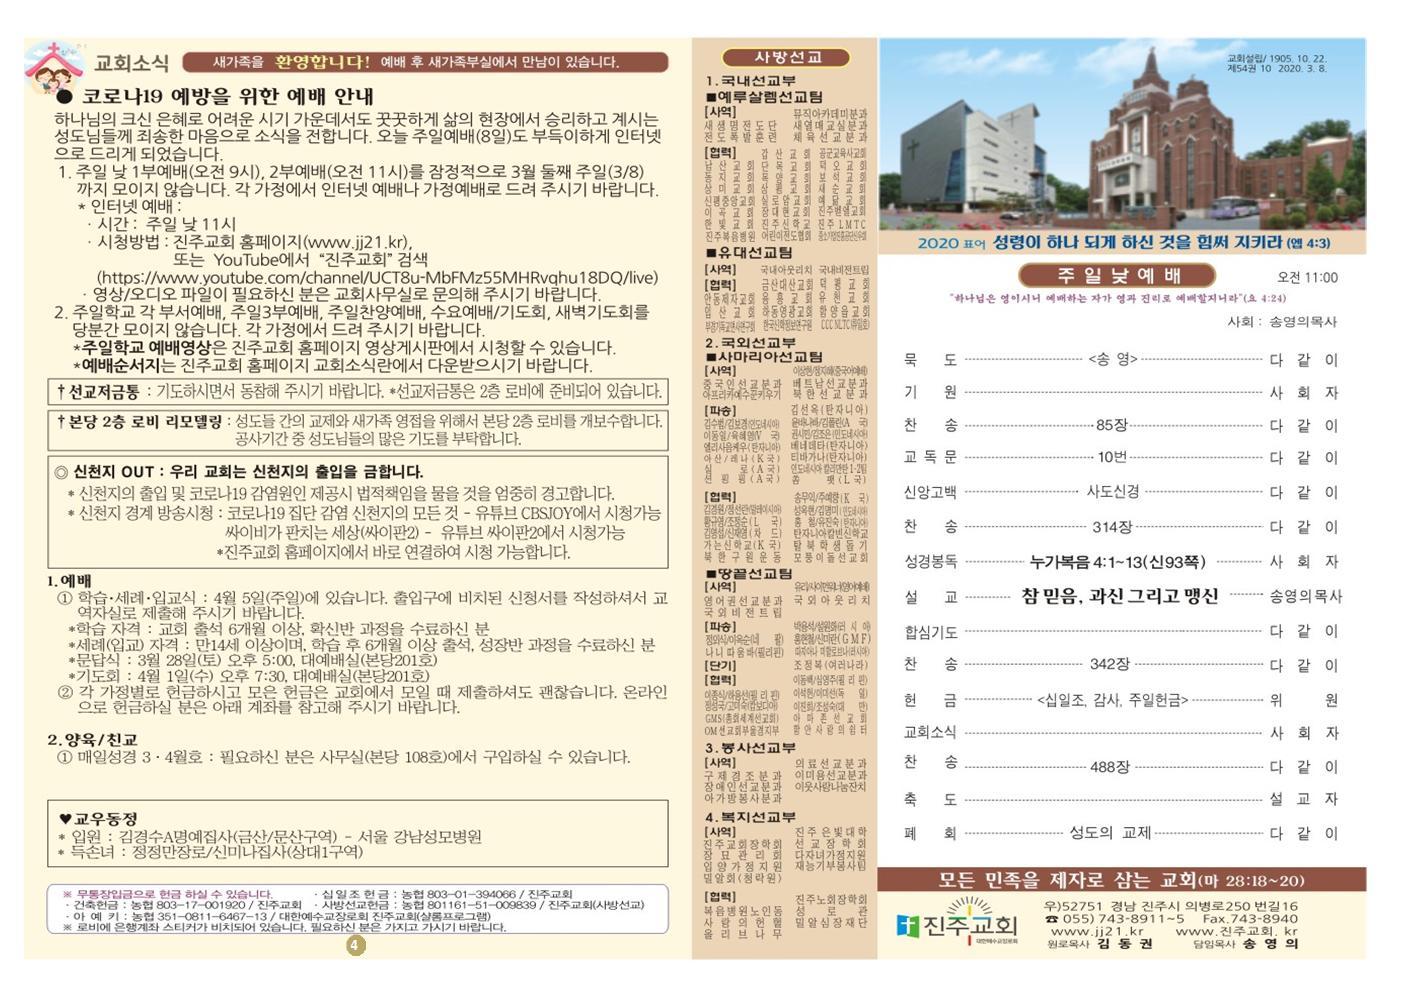 20200308 진주교회 주일예배순서지001.jpg